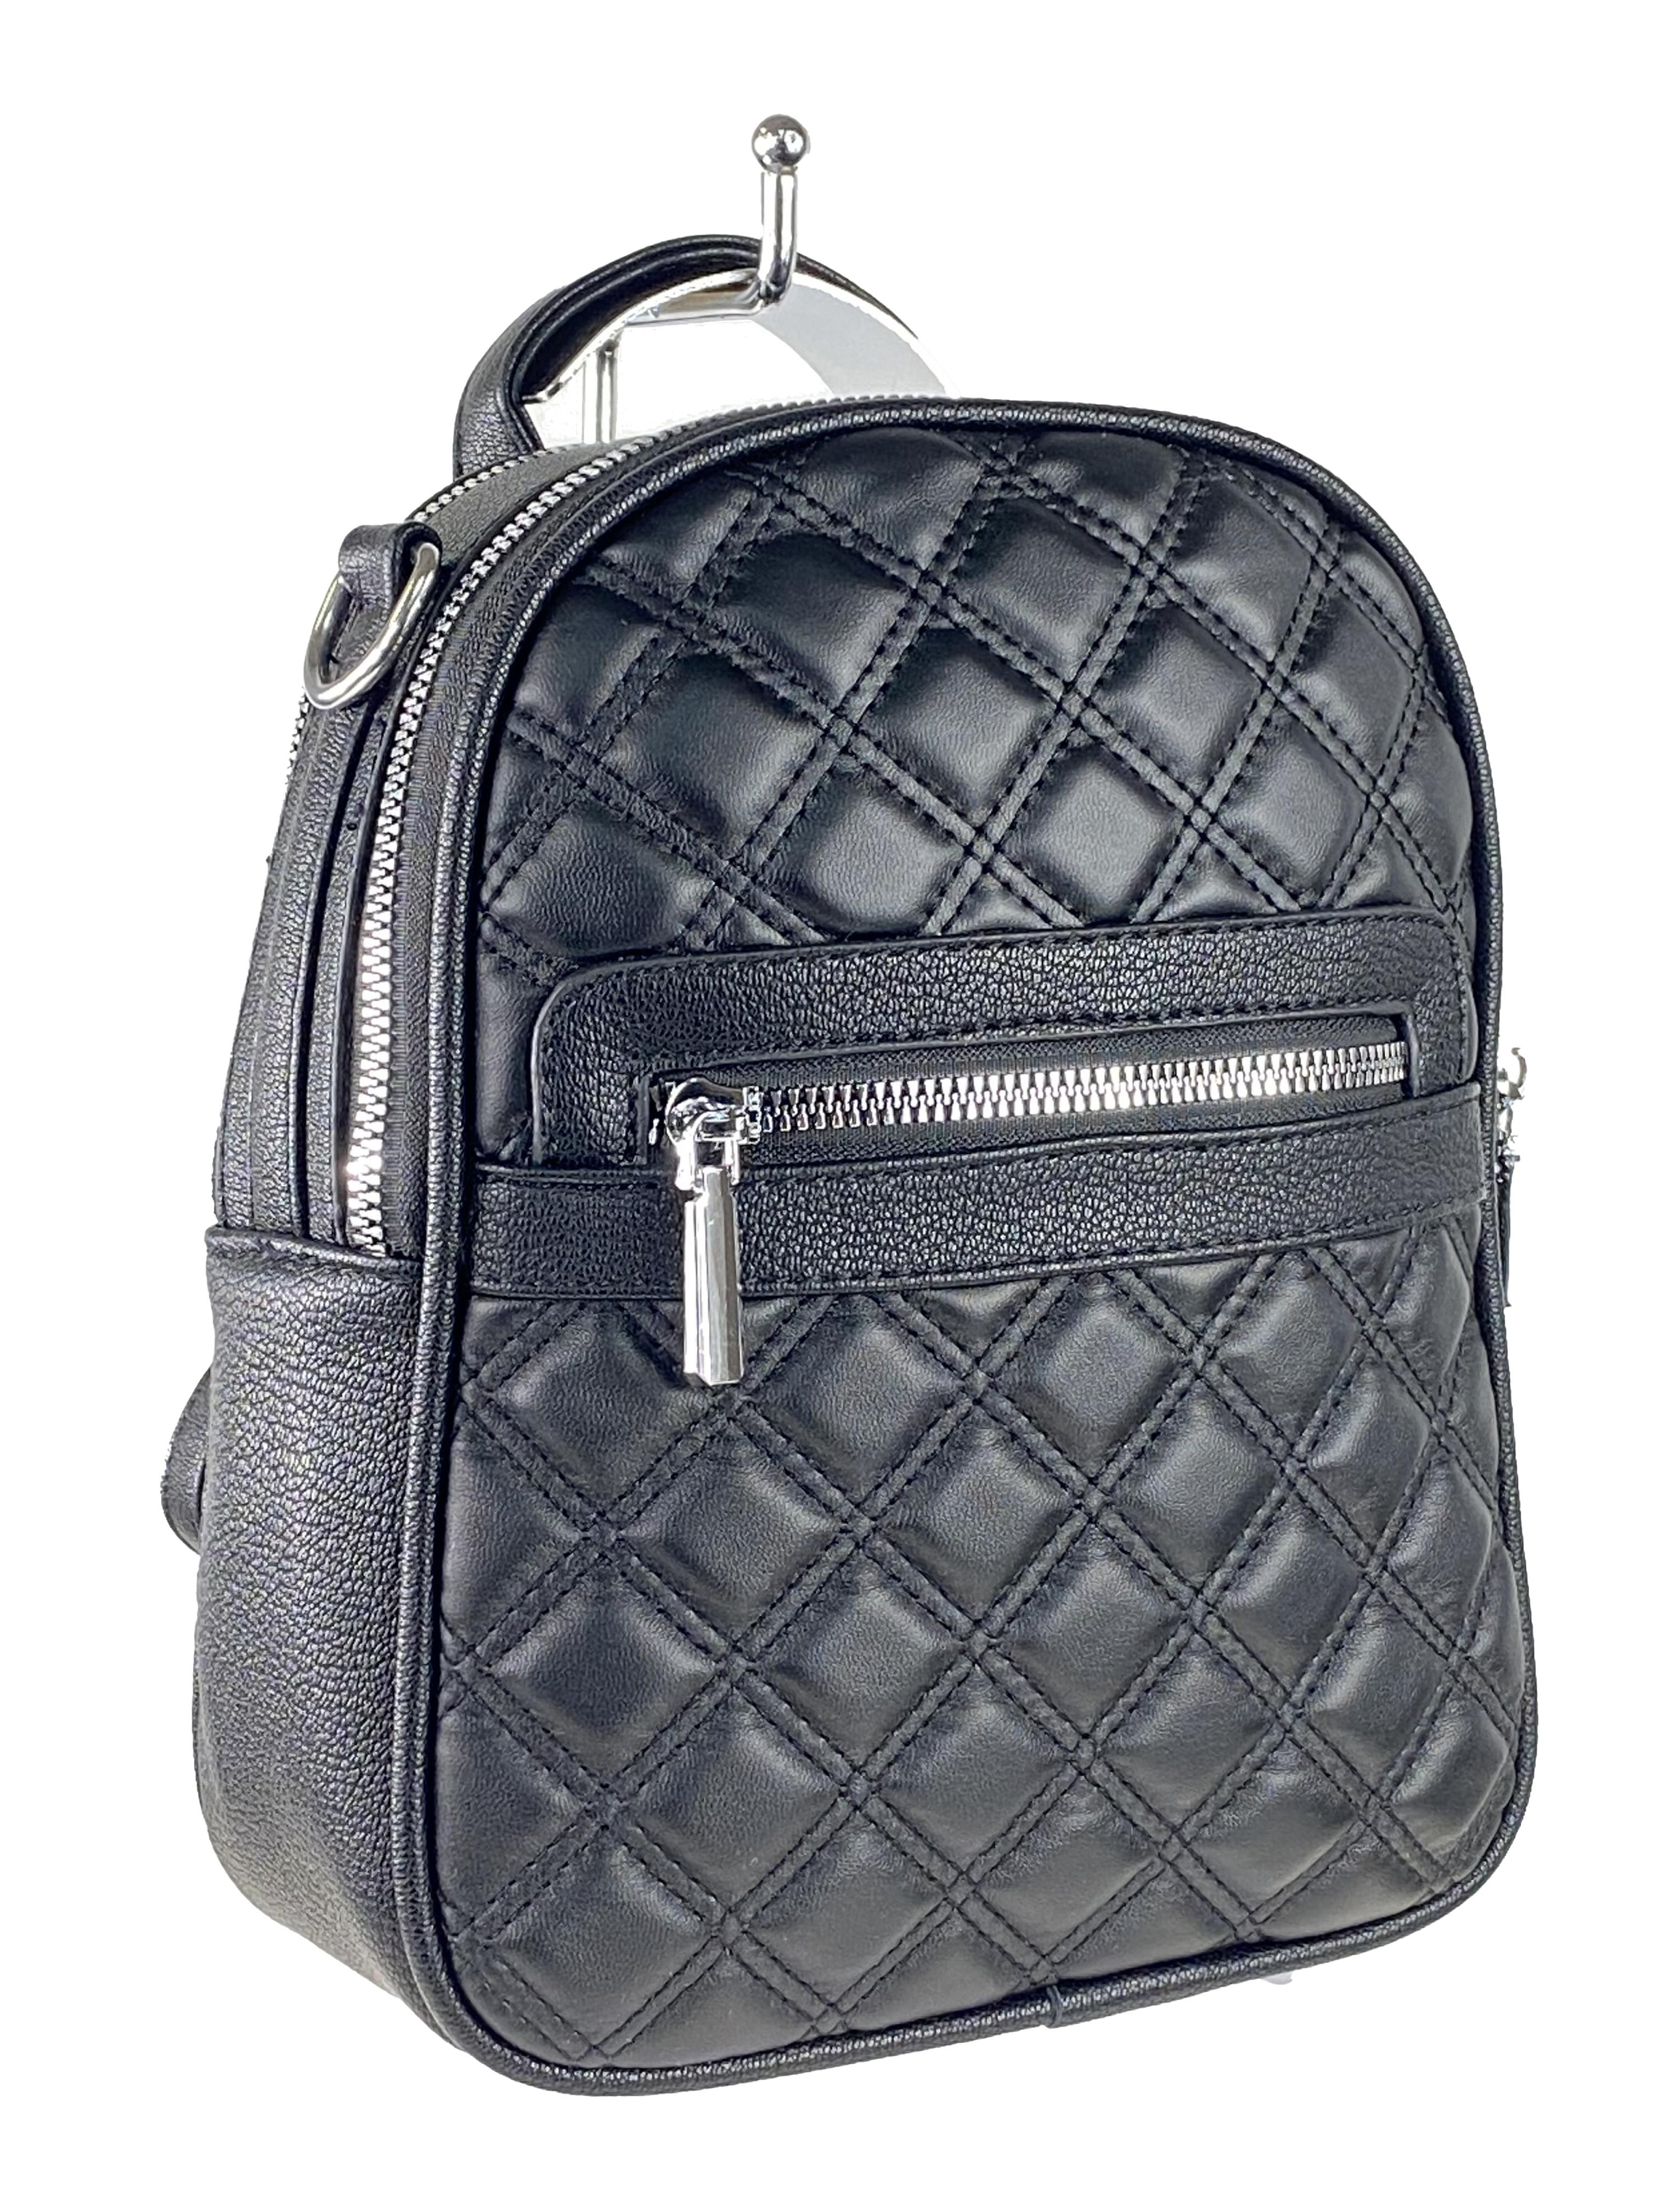 Женская стёганая сумка-рюкзак из искусственной кожи, цвет чёрный